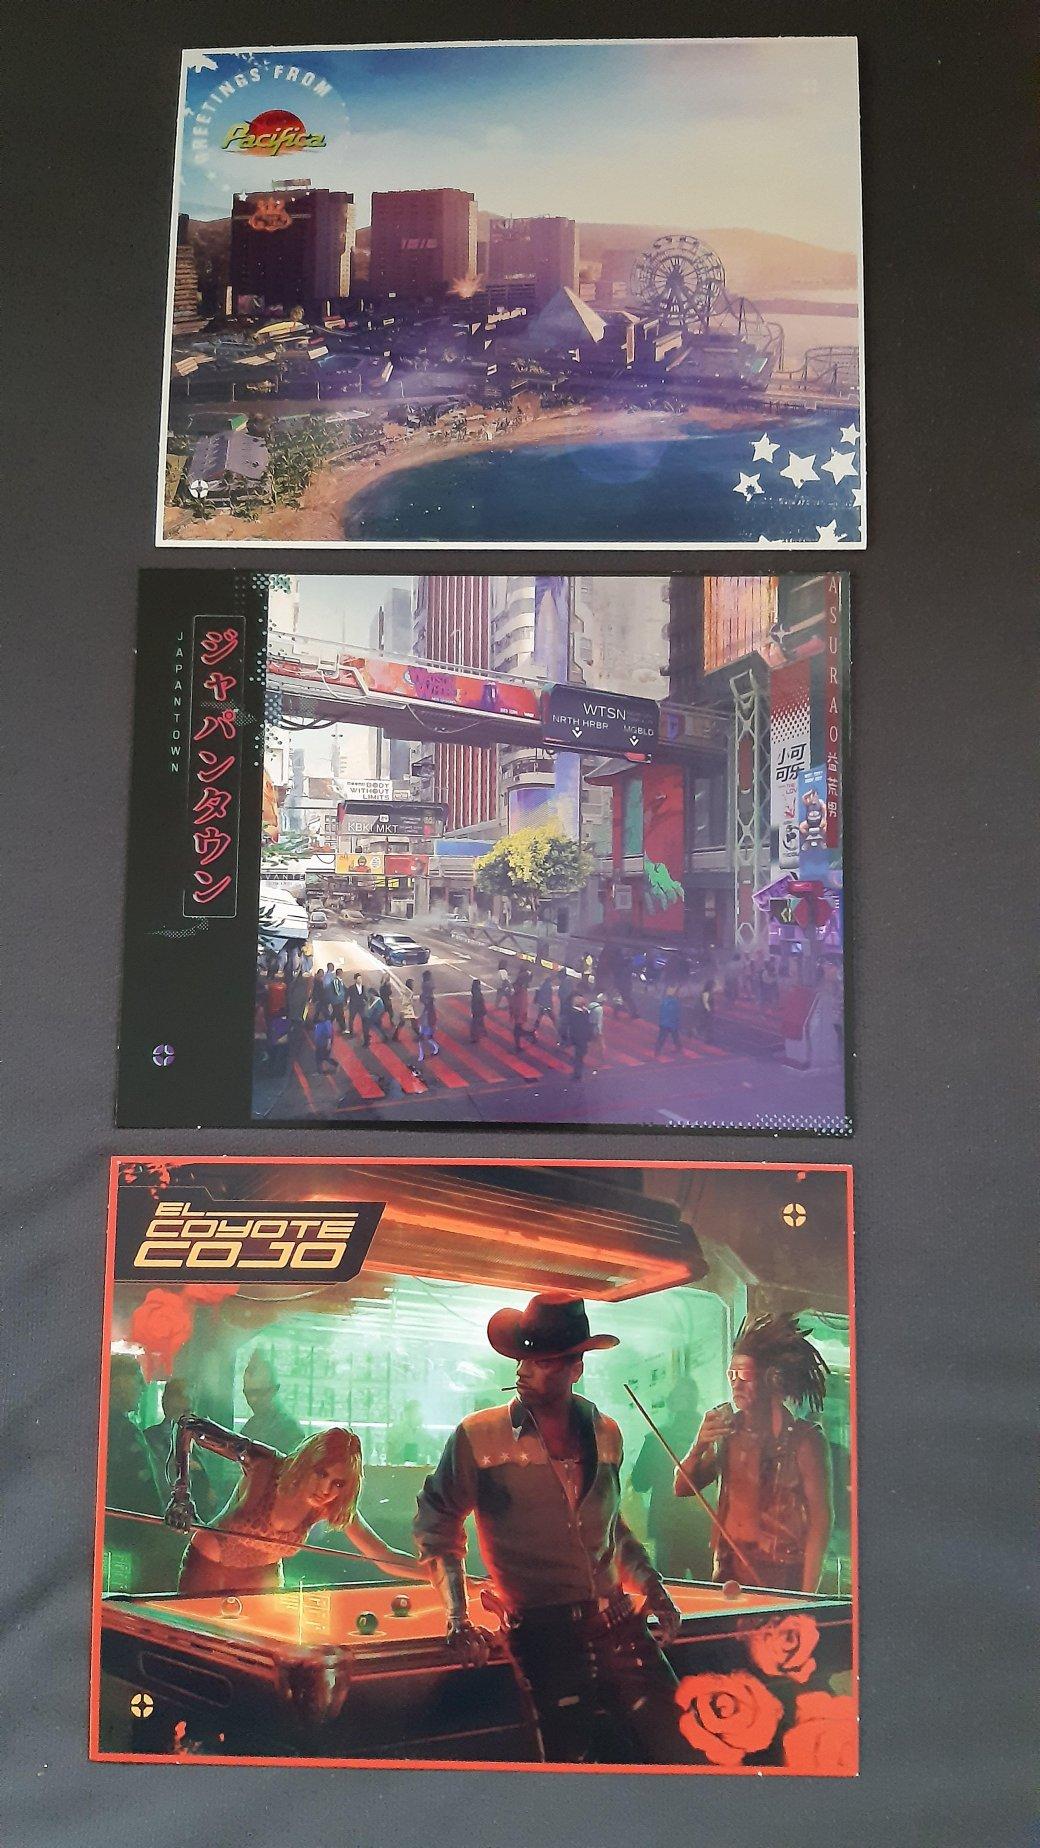 Материалы коллекционного издания Cyberpunk 2077 попали в сеть. В том числе карта Найт-Сити | Канобу - Изображение 6706